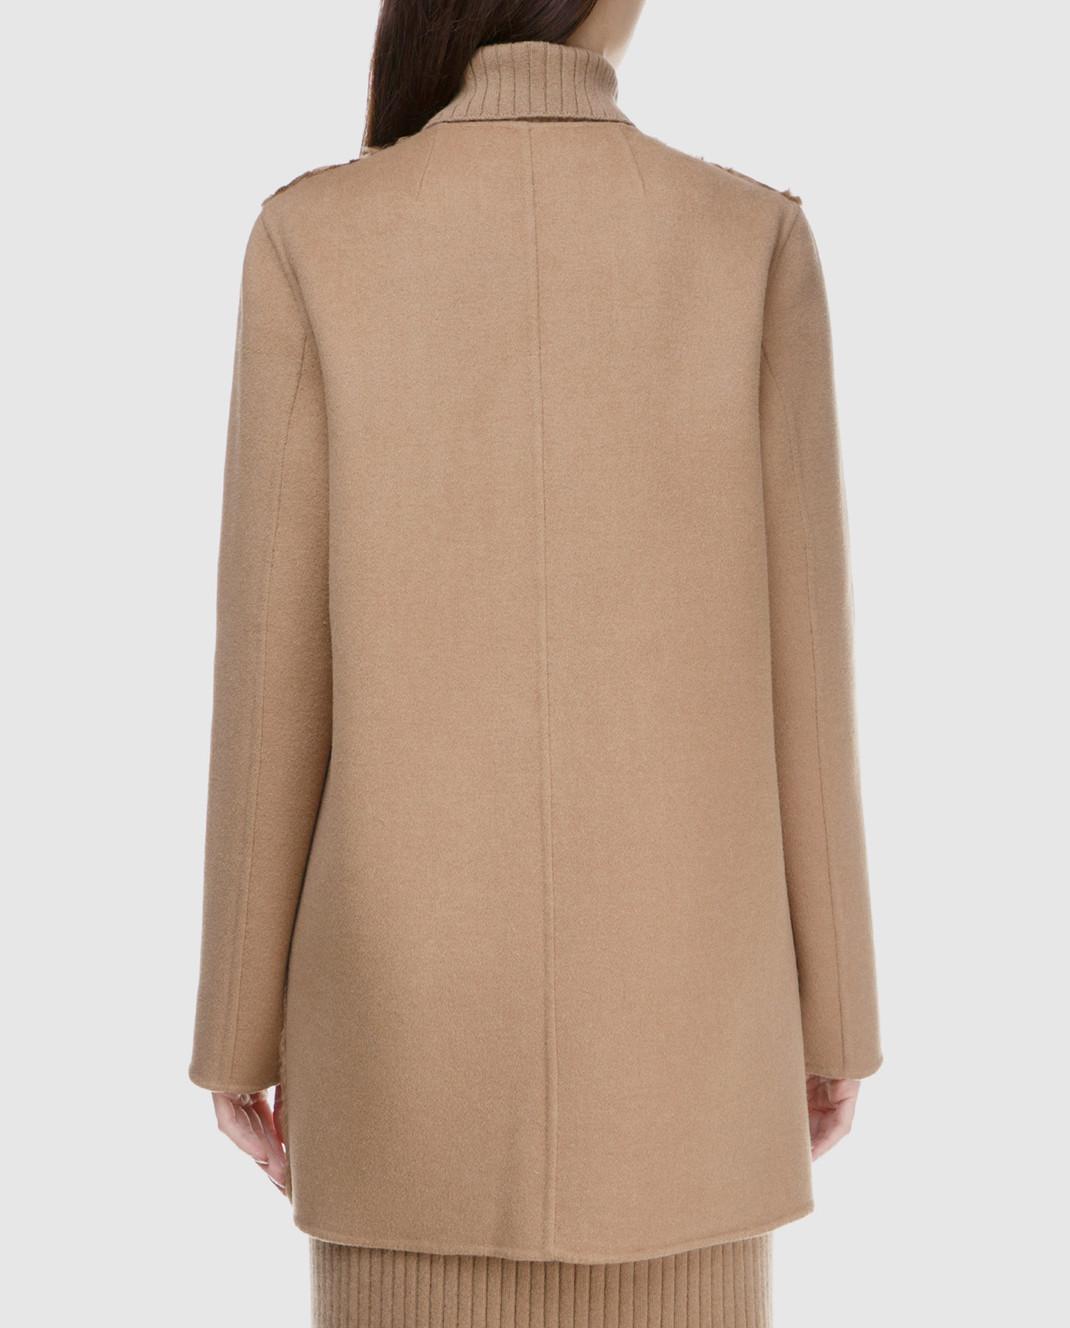 Yves Salomon Бежевое пальто из шерсти с деталями из меха ягненка 8WYM70580JNCA изображение 4